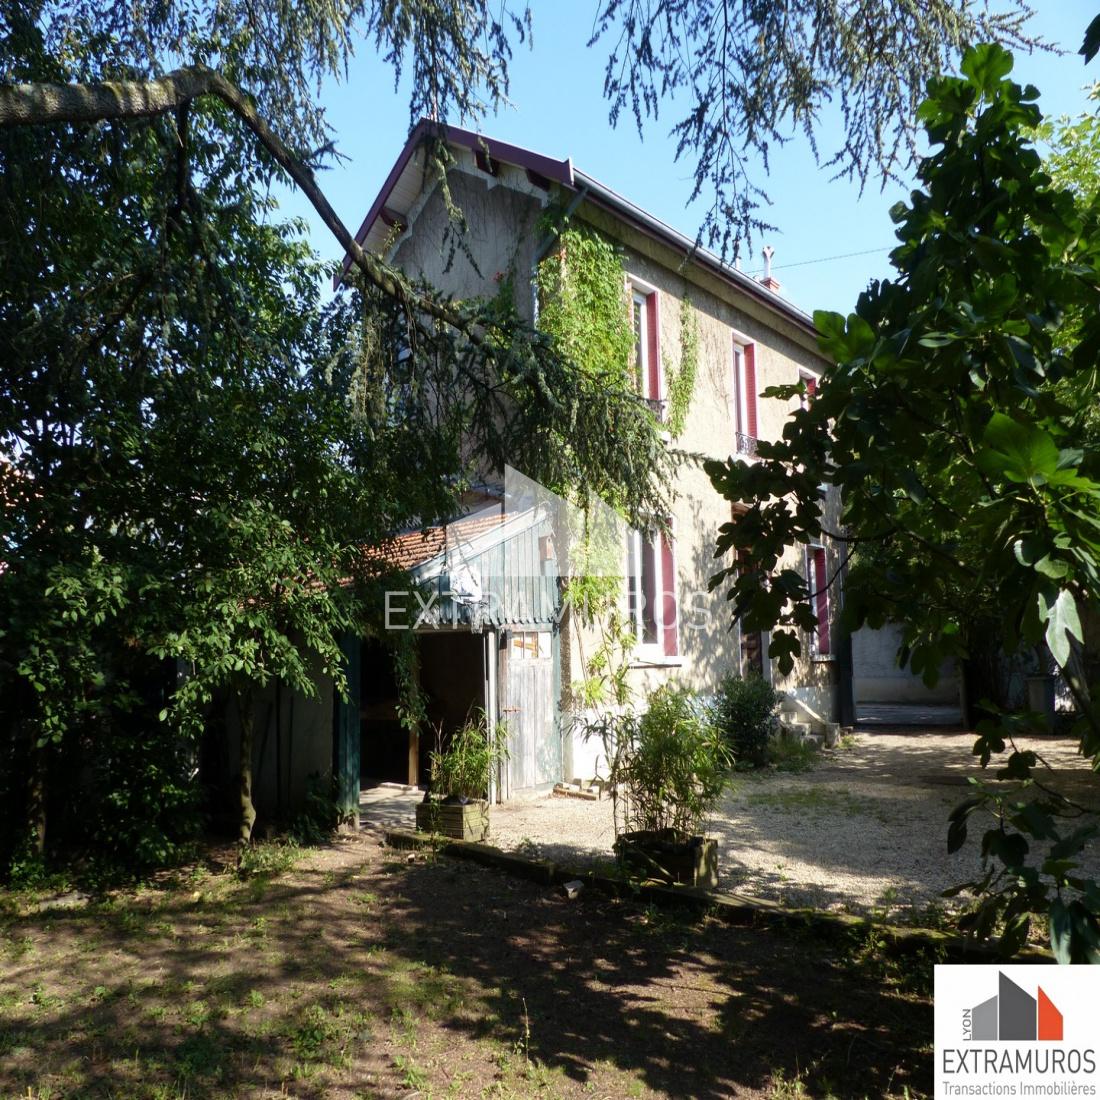 Vente A Vendre En Exclusivite Tassin Bourg Maison Ancienne Avec